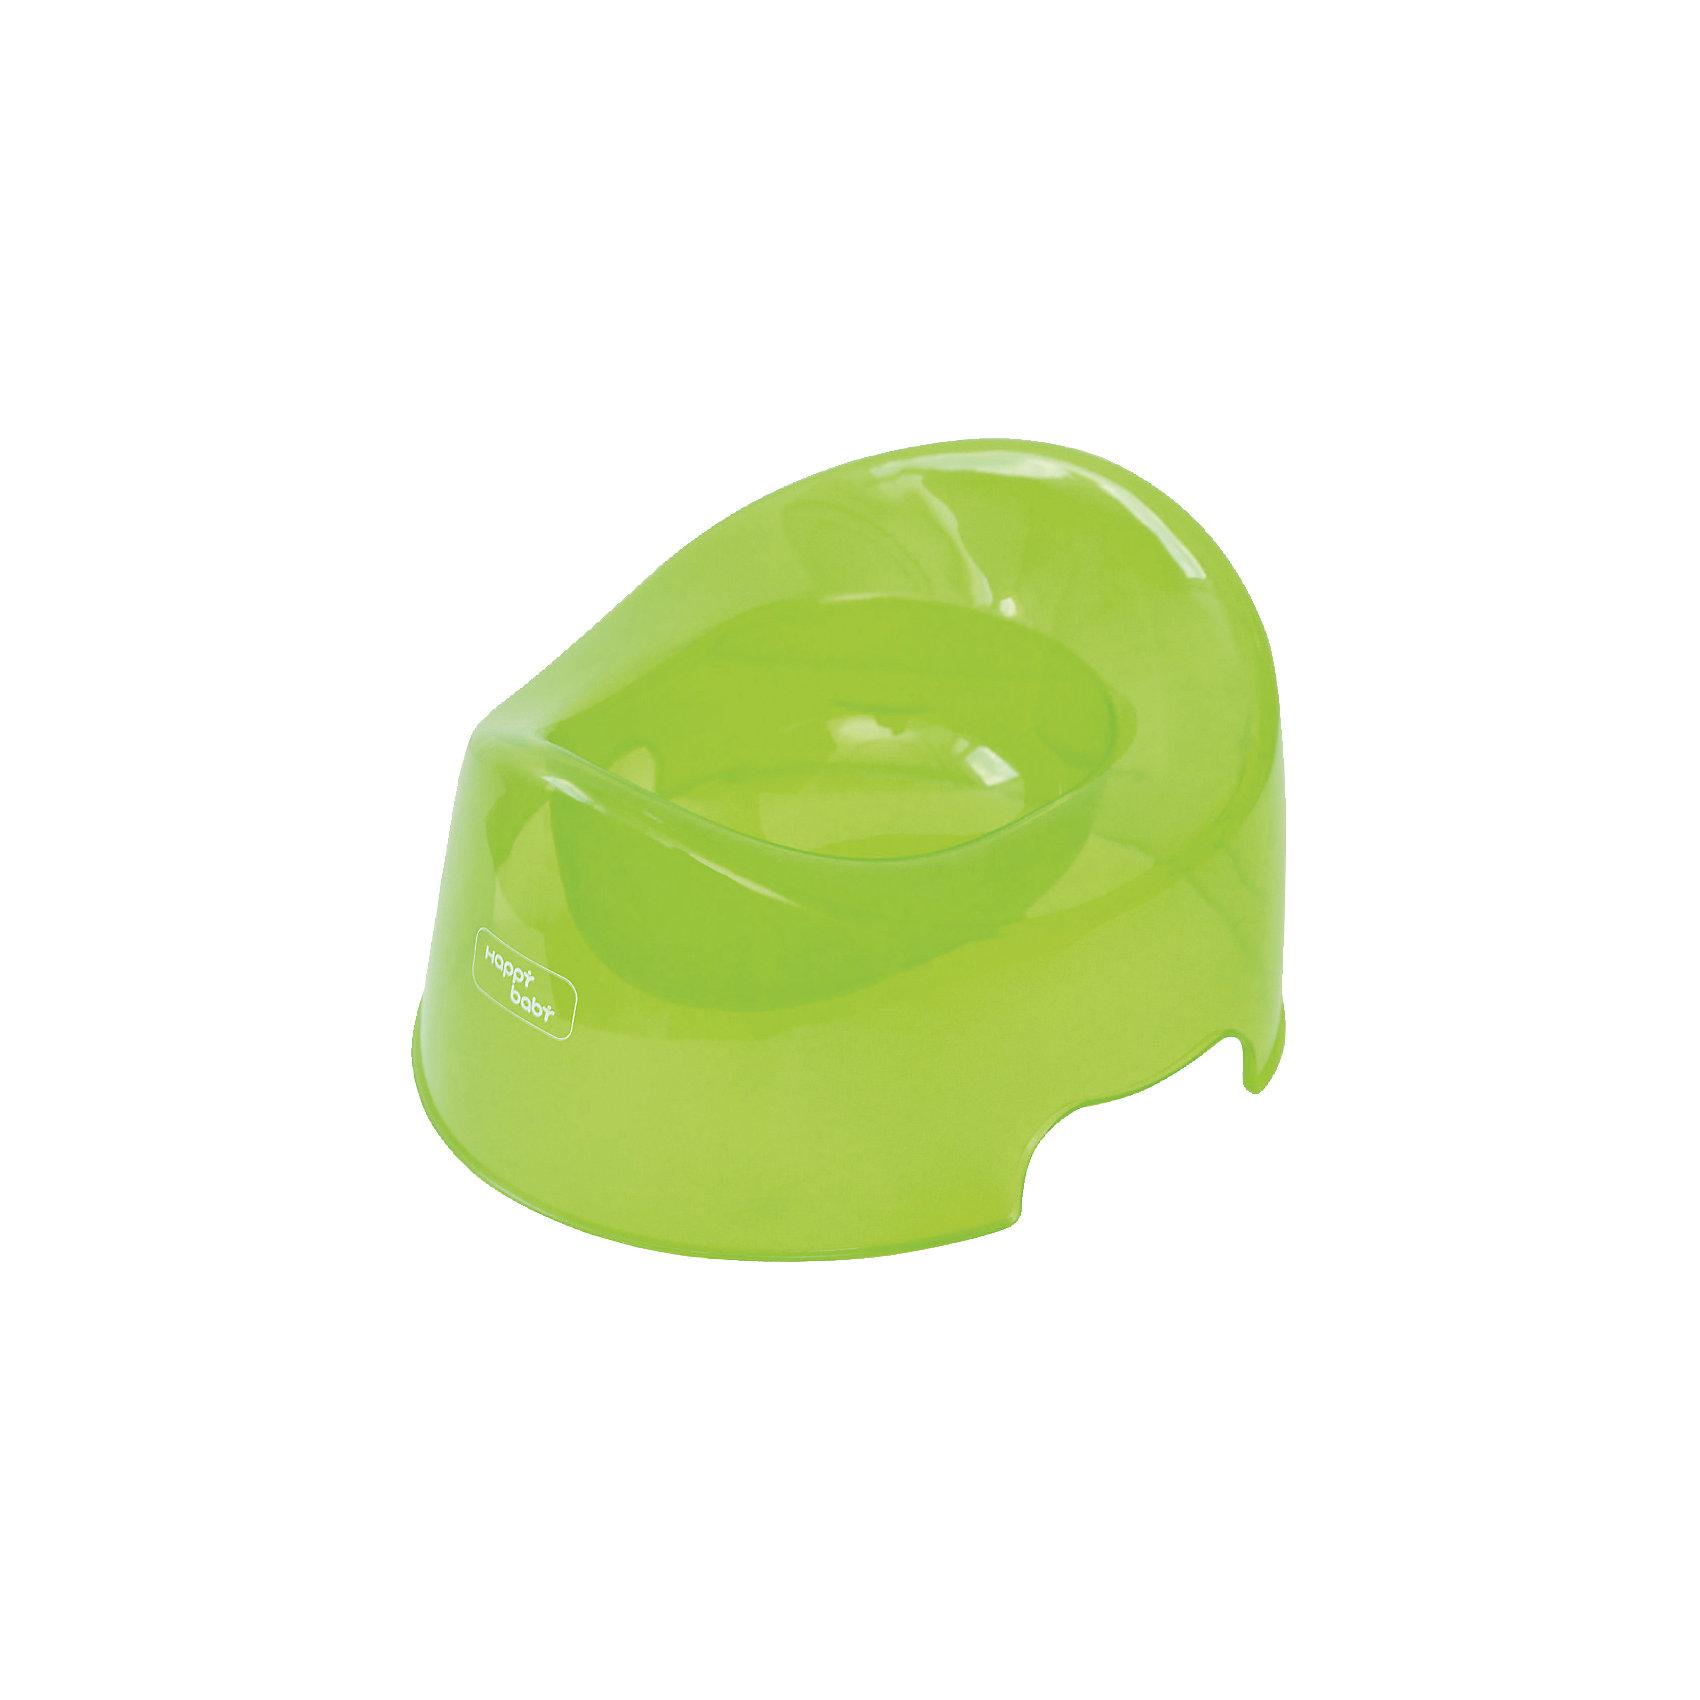 Горшок Happy Baby, зеленыйГоршки, сиденья для унитаза, стульчики-подставки<br>Горшок POTTY классической модели с завышенной спинкой поможет постепенно приучать ребёнка к горшку. Изготовленный из прочного и безо-<br>пасного пластика горшок с гладкой поверхностью лёгок в уходе, а расши-<br>ряющееся книзу основание придаёт ему устойчивость.<br><br>Дополнительная информация:<br><br>- Материал: полипропилен<br>- Размер: 59 х 27 х 38 см<br>- Устойчивый<br>- Завышенная спинка поддерживает малыша<br>- Яркие цвета<br><br>Горшок Happy Baby (Хэппи Бэби), зеленый можно купить в нашем магазине.<br><br>Ширина мм: 590<br>Глубина мм: 270<br>Высота мм: 380<br>Вес г: 400<br>Цвет: зеленый<br>Возраст от месяцев: 6<br>Возраст до месяцев: 36<br>Пол: Унисекс<br>Возраст: Детский<br>SKU: 4296079